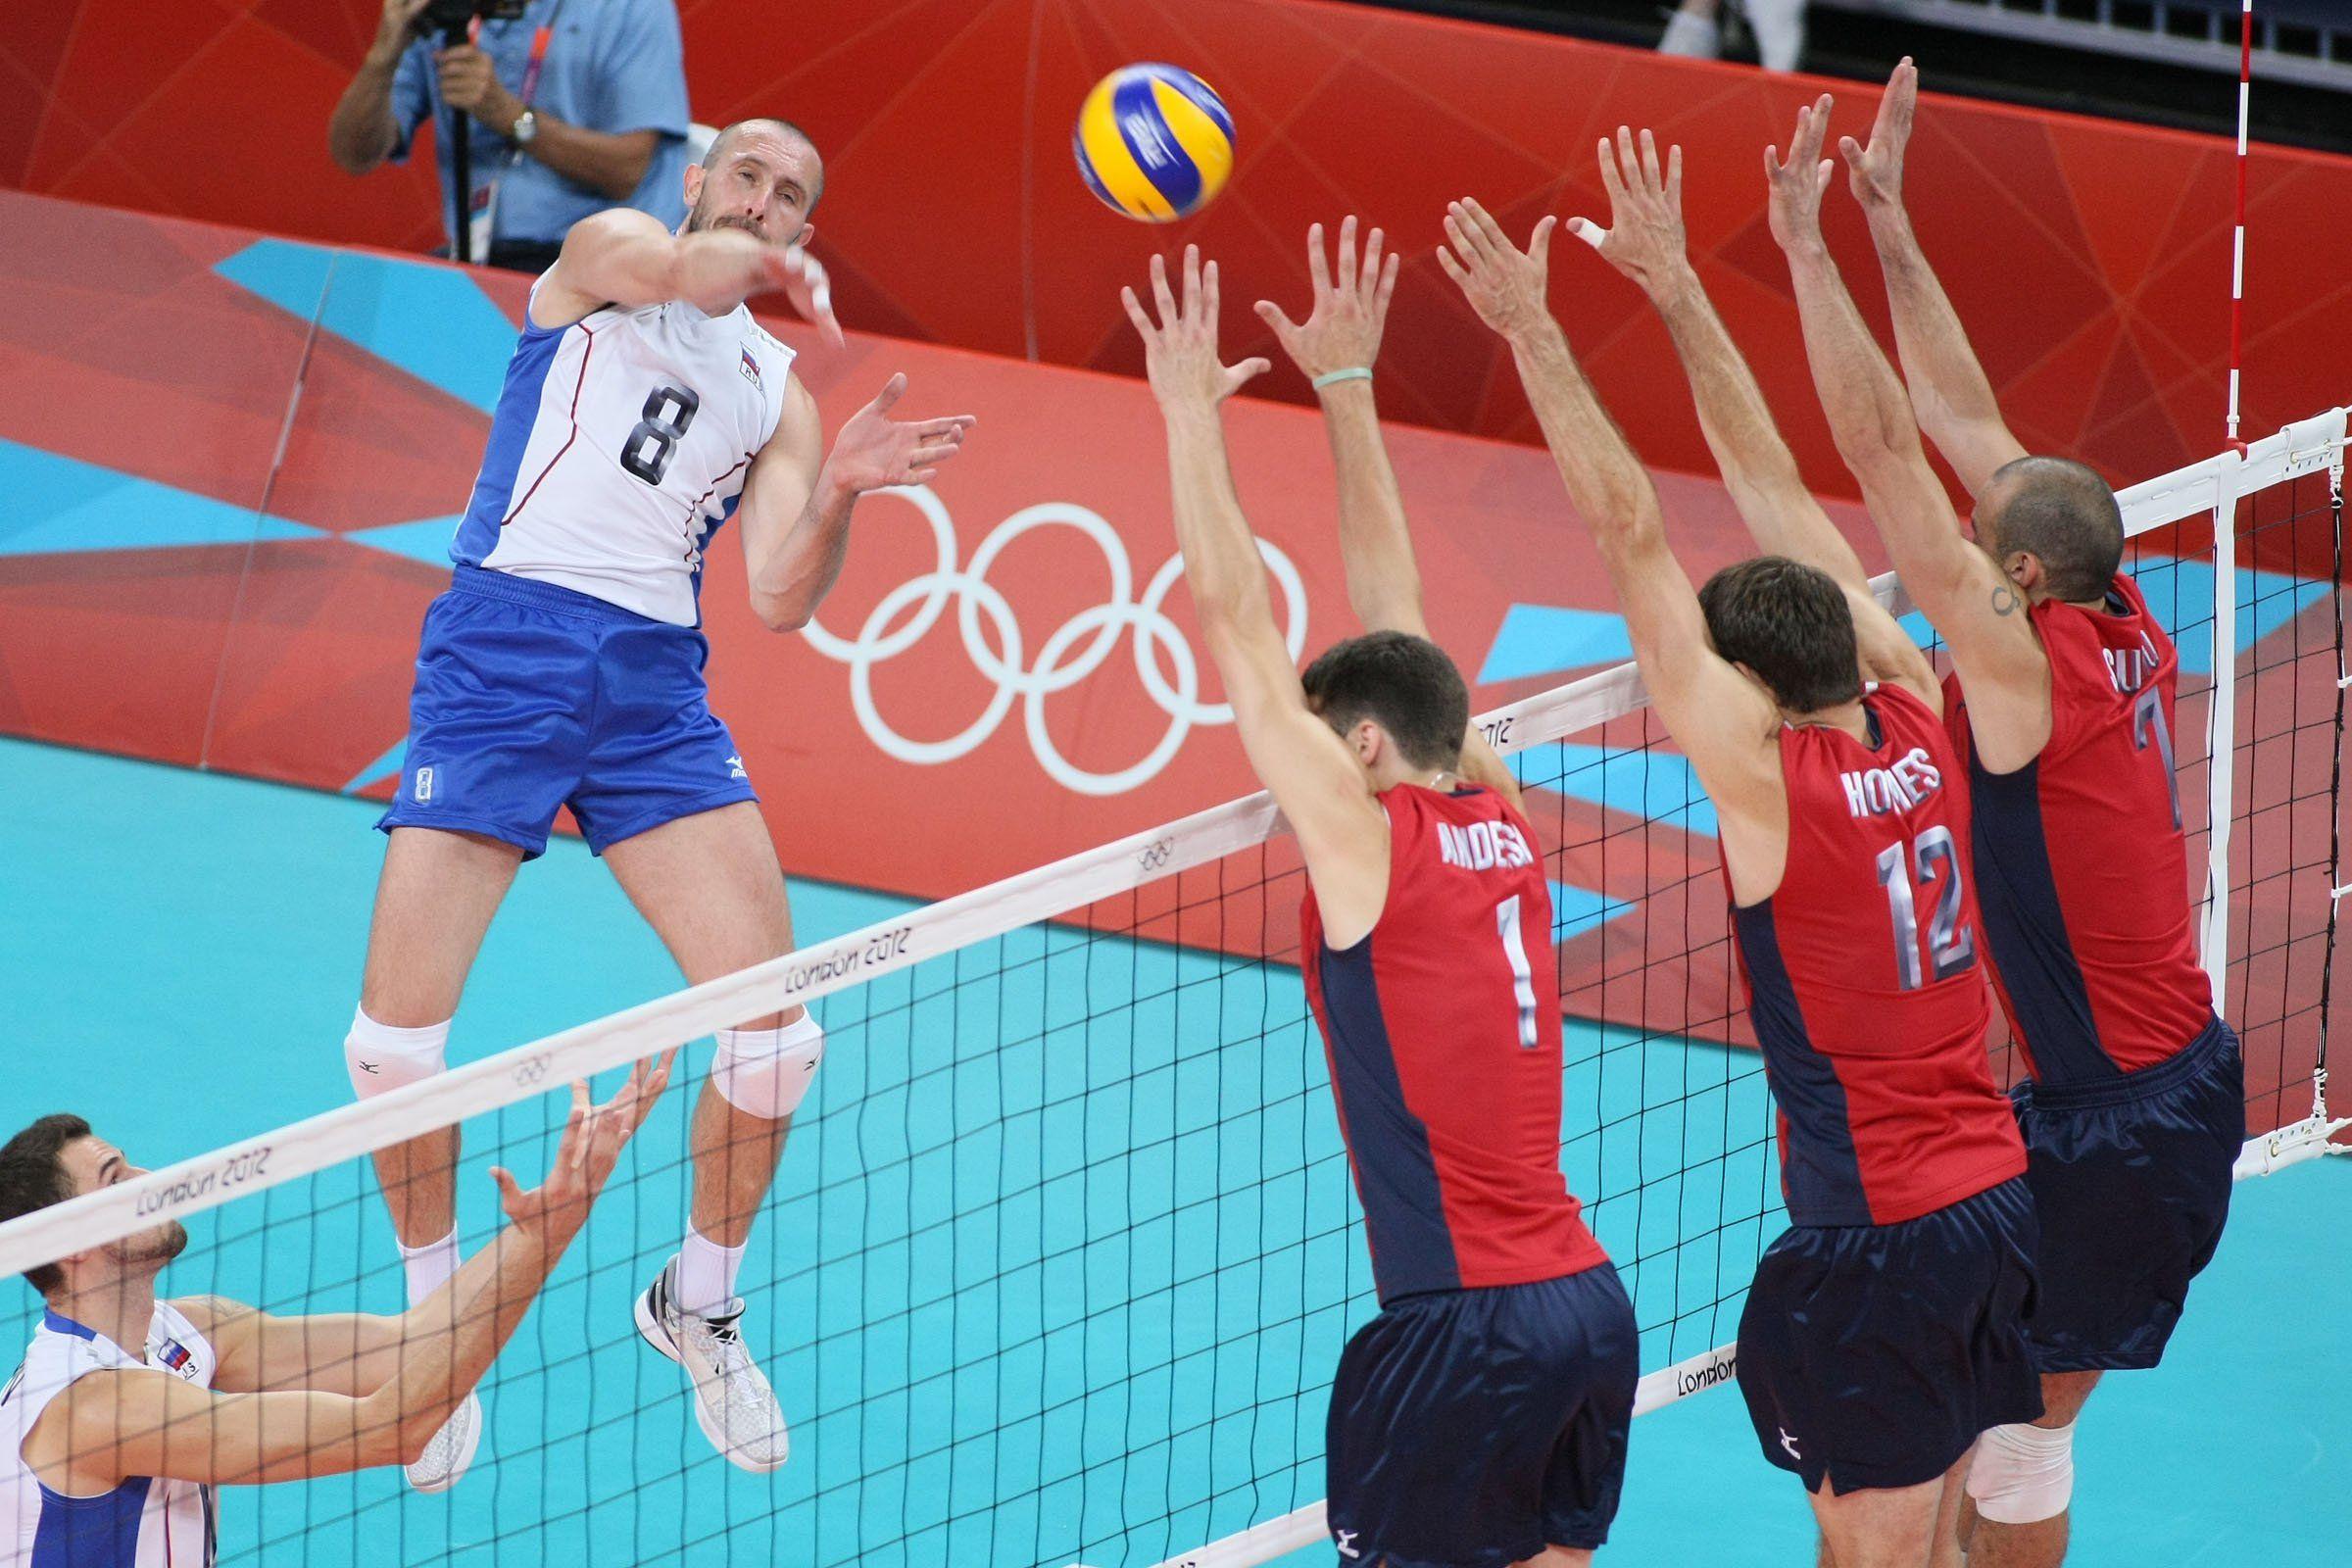 вид спорта волейбол с картинками беседки